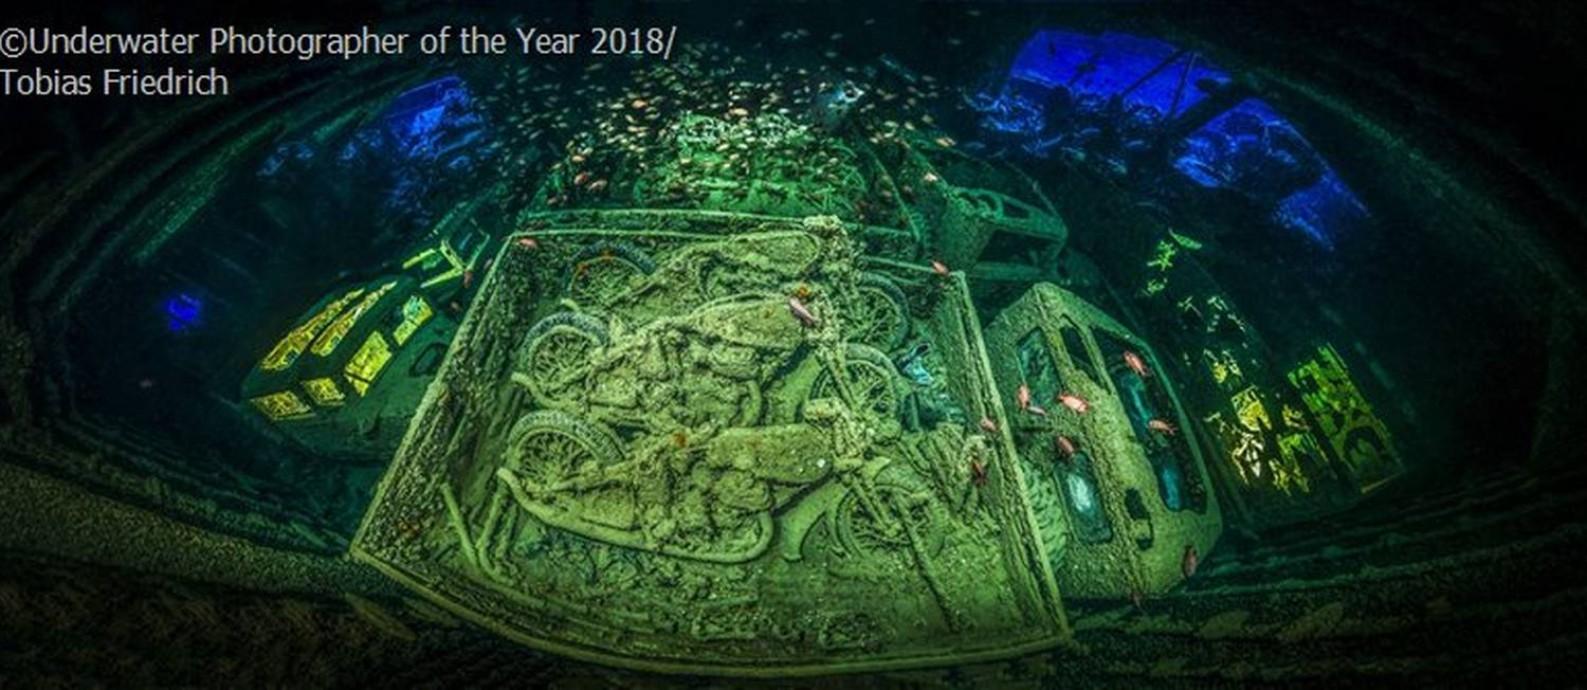 O alemão Tobias Friedrich foi o grande vencedor do concurso Underwater Photographer of the Year 2018 Foto: Tobias Friedrich